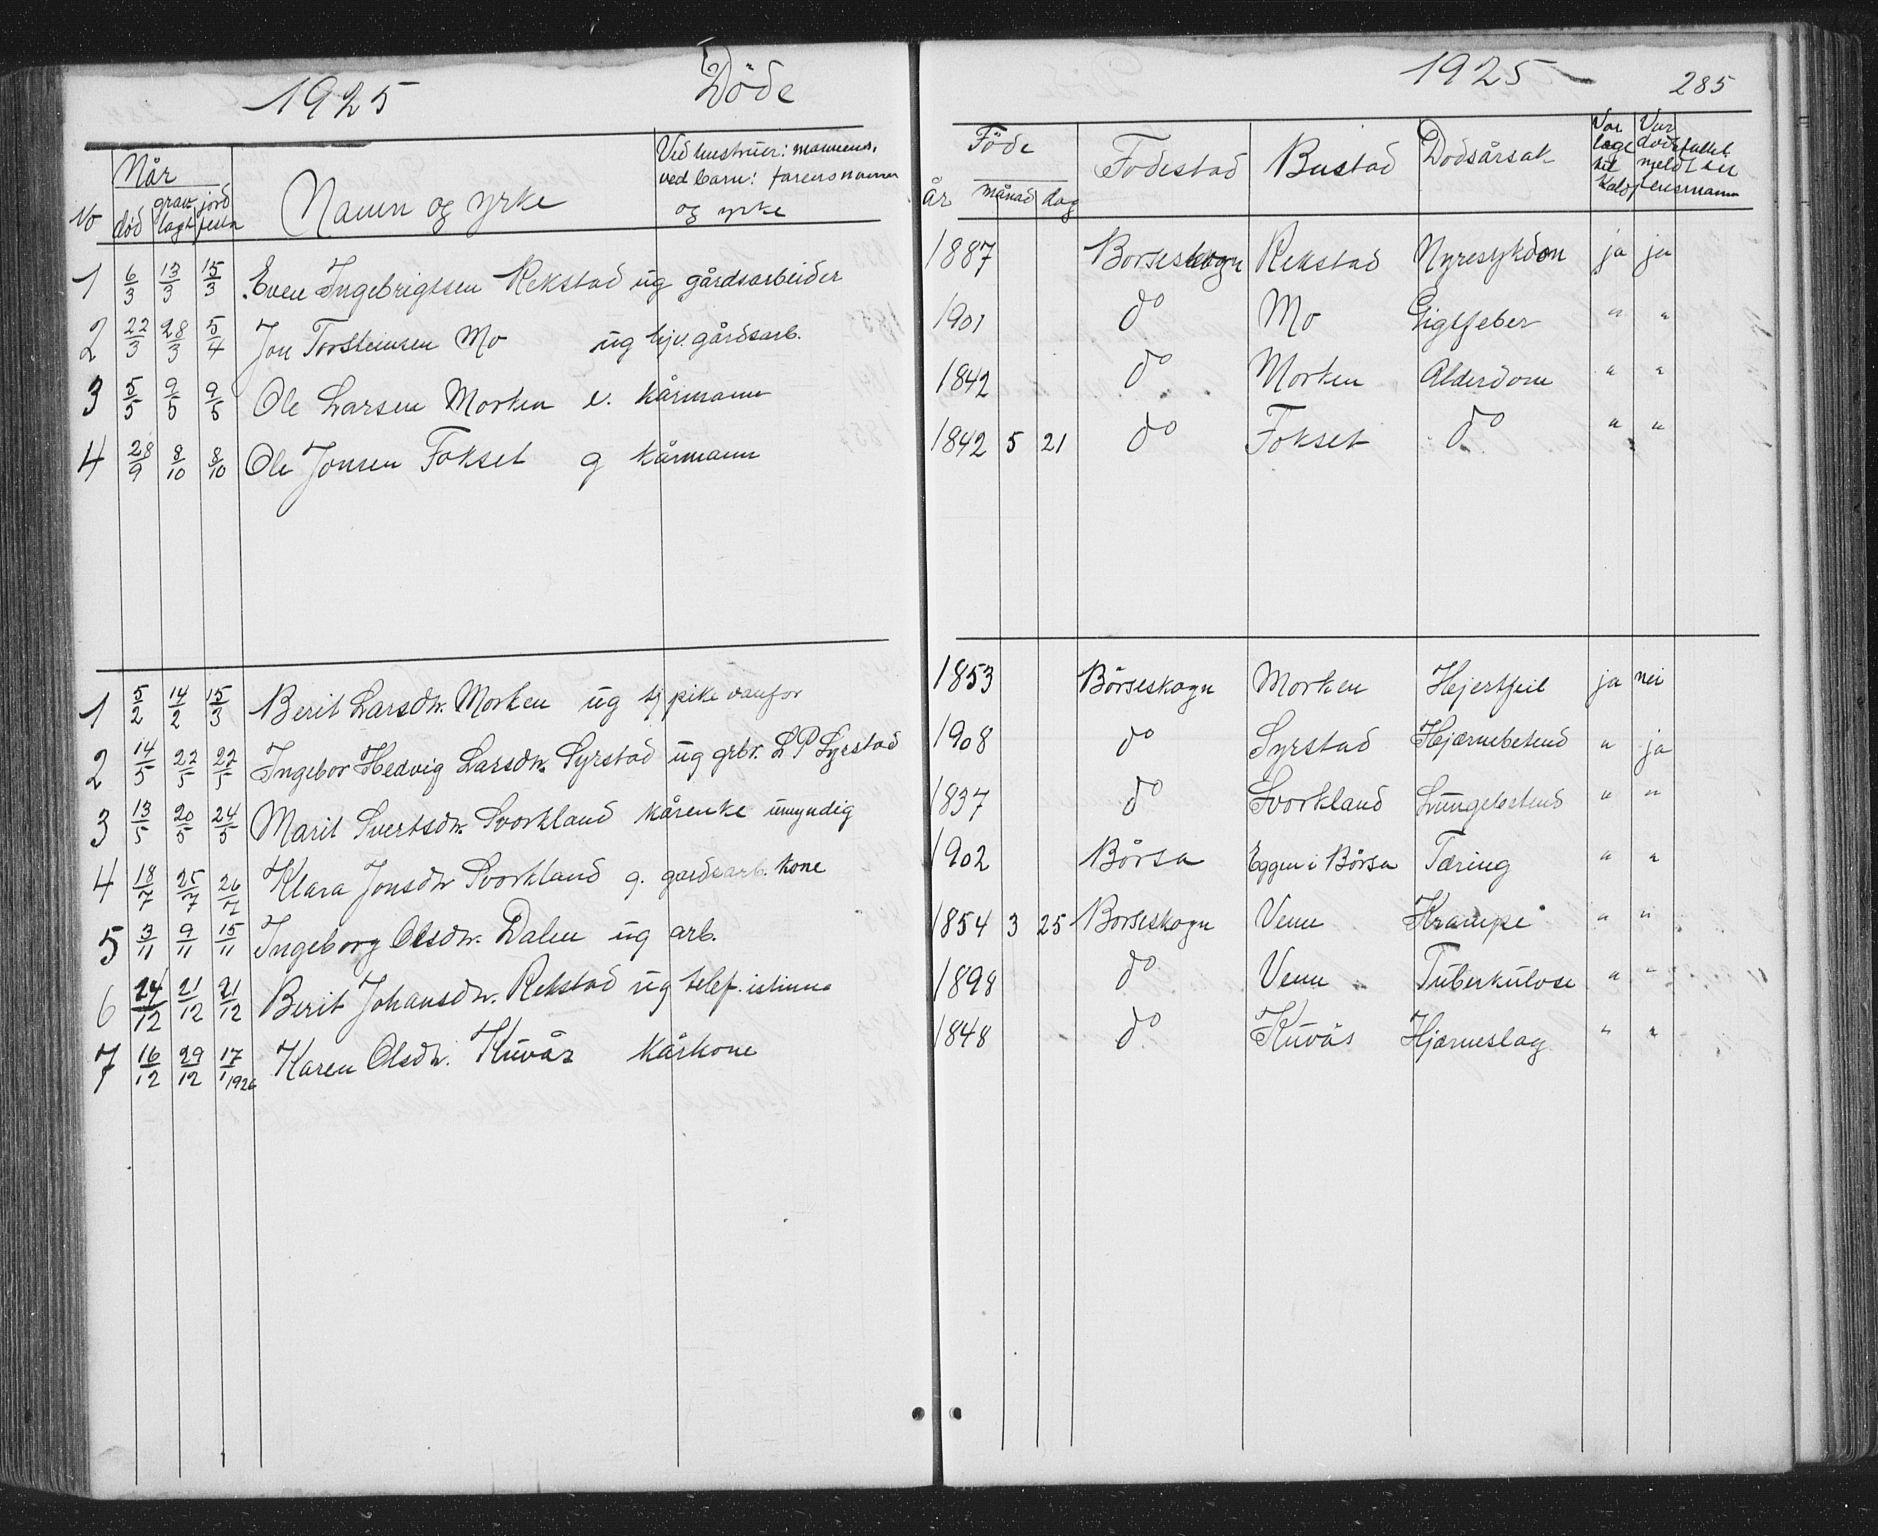 SAT, Ministerialprotokoller, klokkerbøker og fødselsregistre - Sør-Trøndelag, 667/L0798: Klokkerbok nr. 667C03, 1867-1929, s. 285